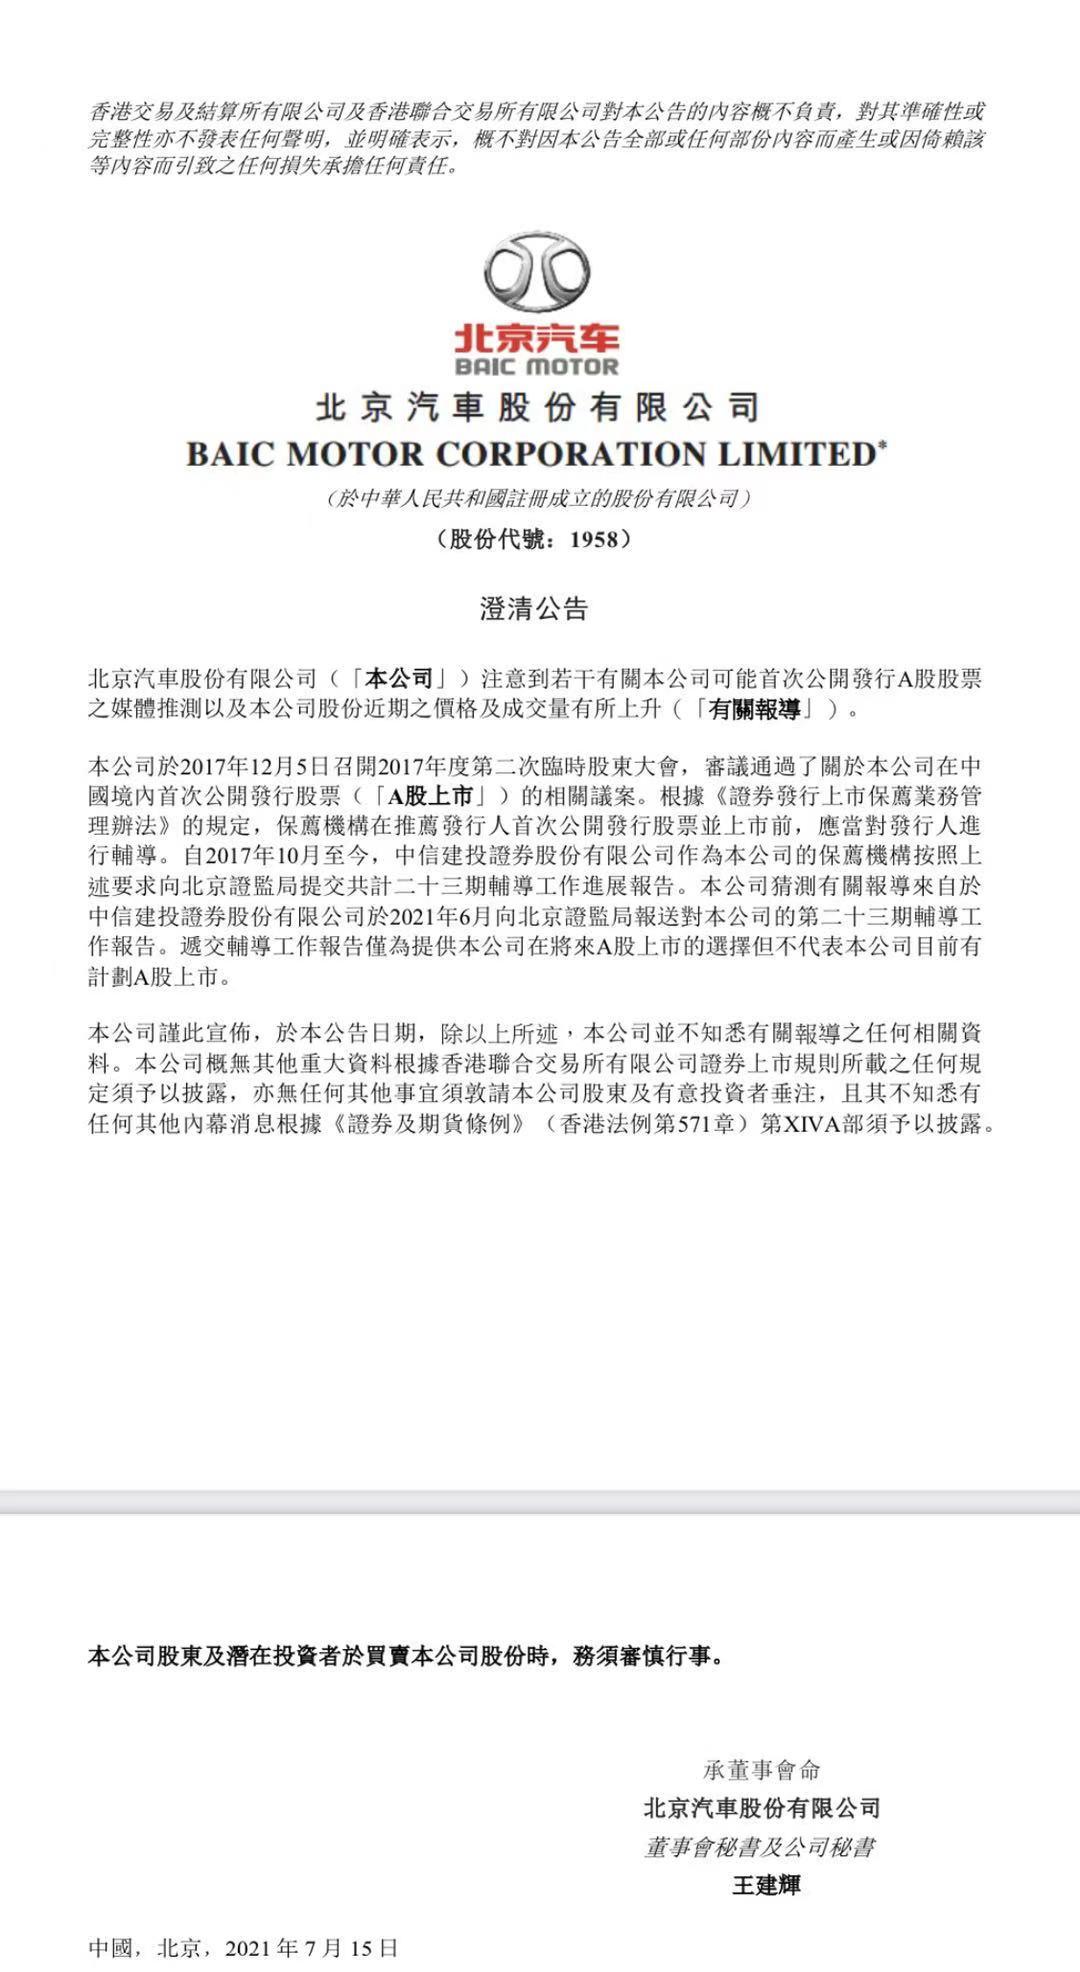 北京汽车递交辅导工作报告不代表本公司目前有计划A股上市